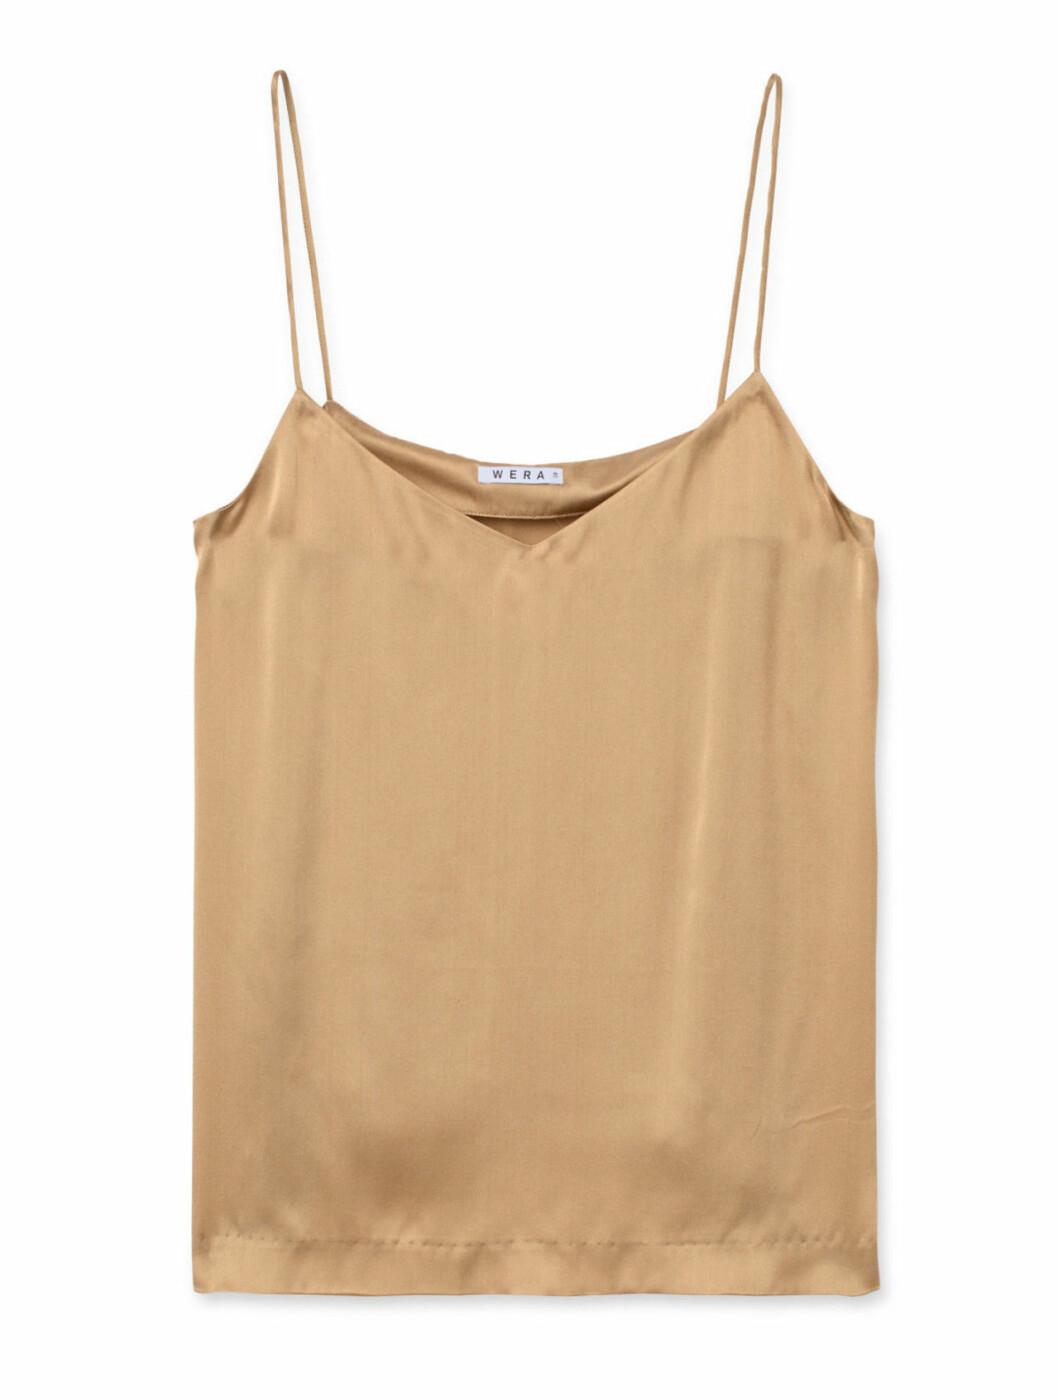 Guldfärgat linne till fest